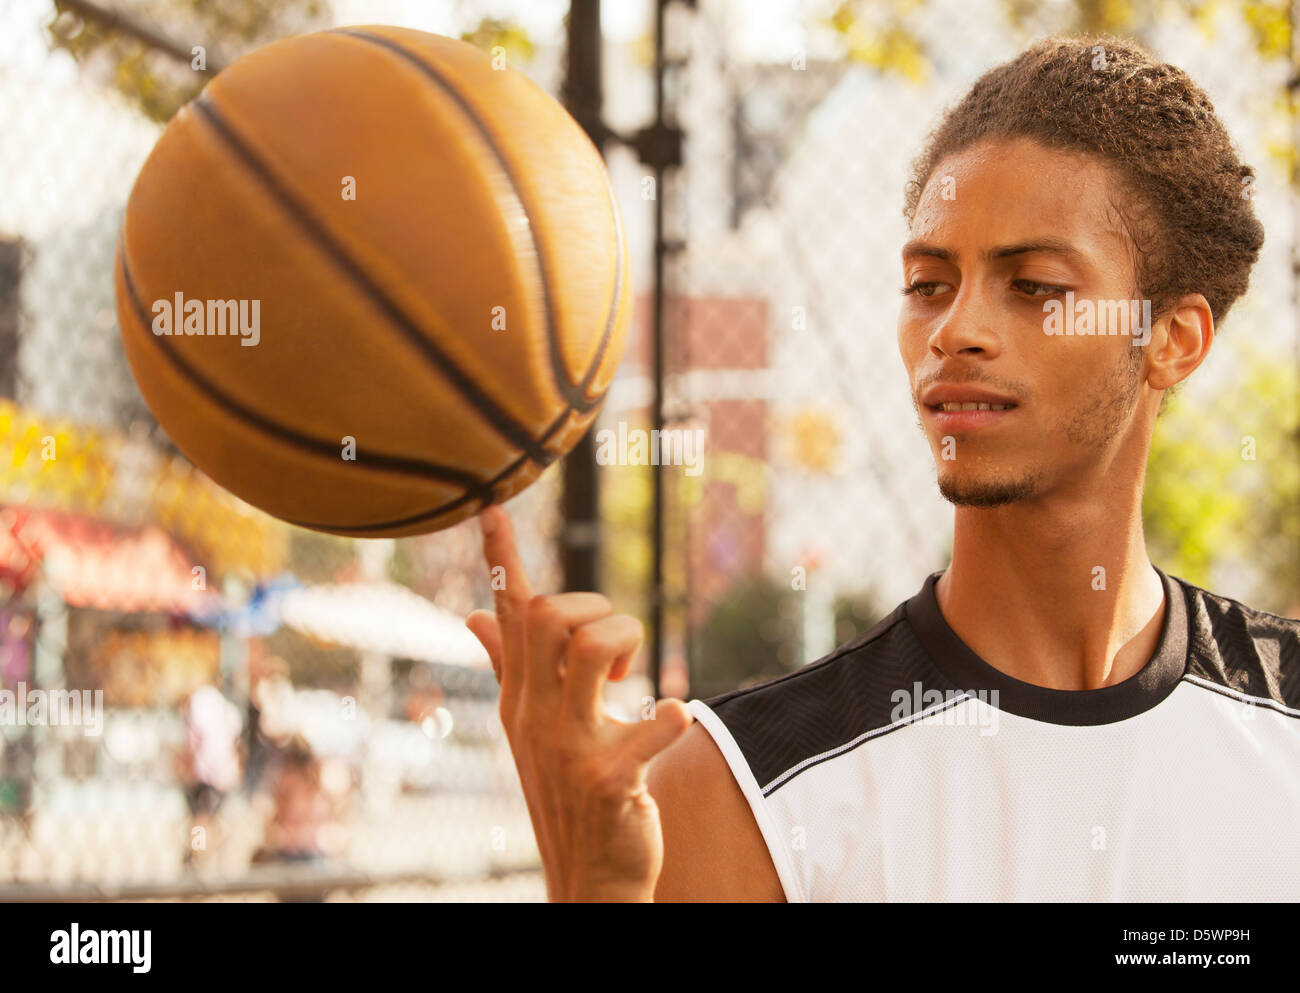 Man spinning basketball on finger - Stock Image